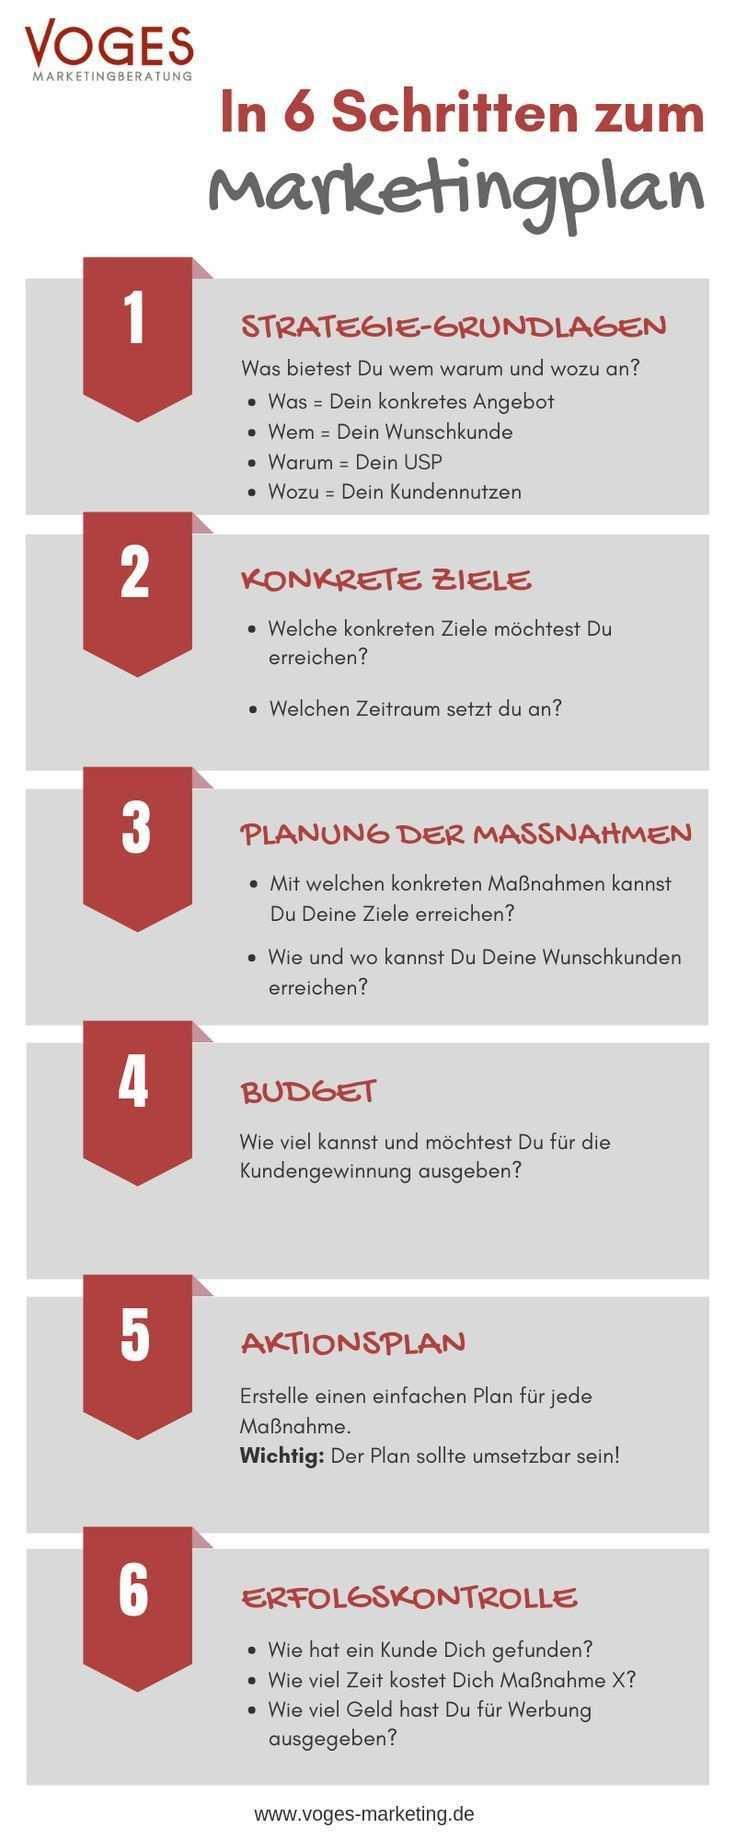 Marketingplan Erstellen In 6 Schritten Zum Fertigen Marketingkonzept Positionierung Marketing Marketing Konzept Marketingplan Marktstrategien